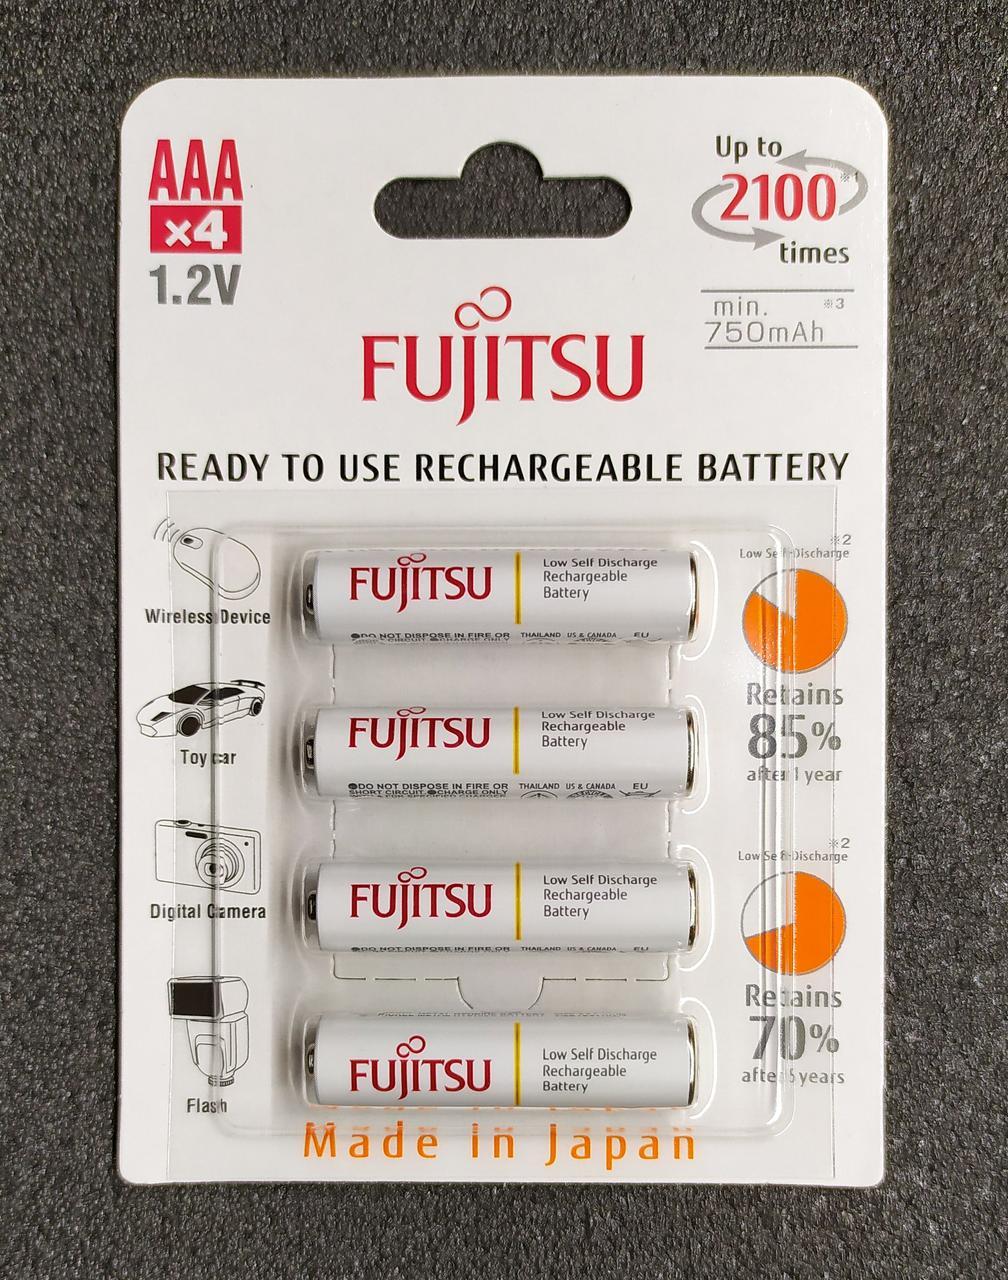 Fujitsu AAA аккумулятор Ni-MH 750 mAh с низким саморазрядом. Полный аналог Eneloop. HR-4UTCEU (4B)